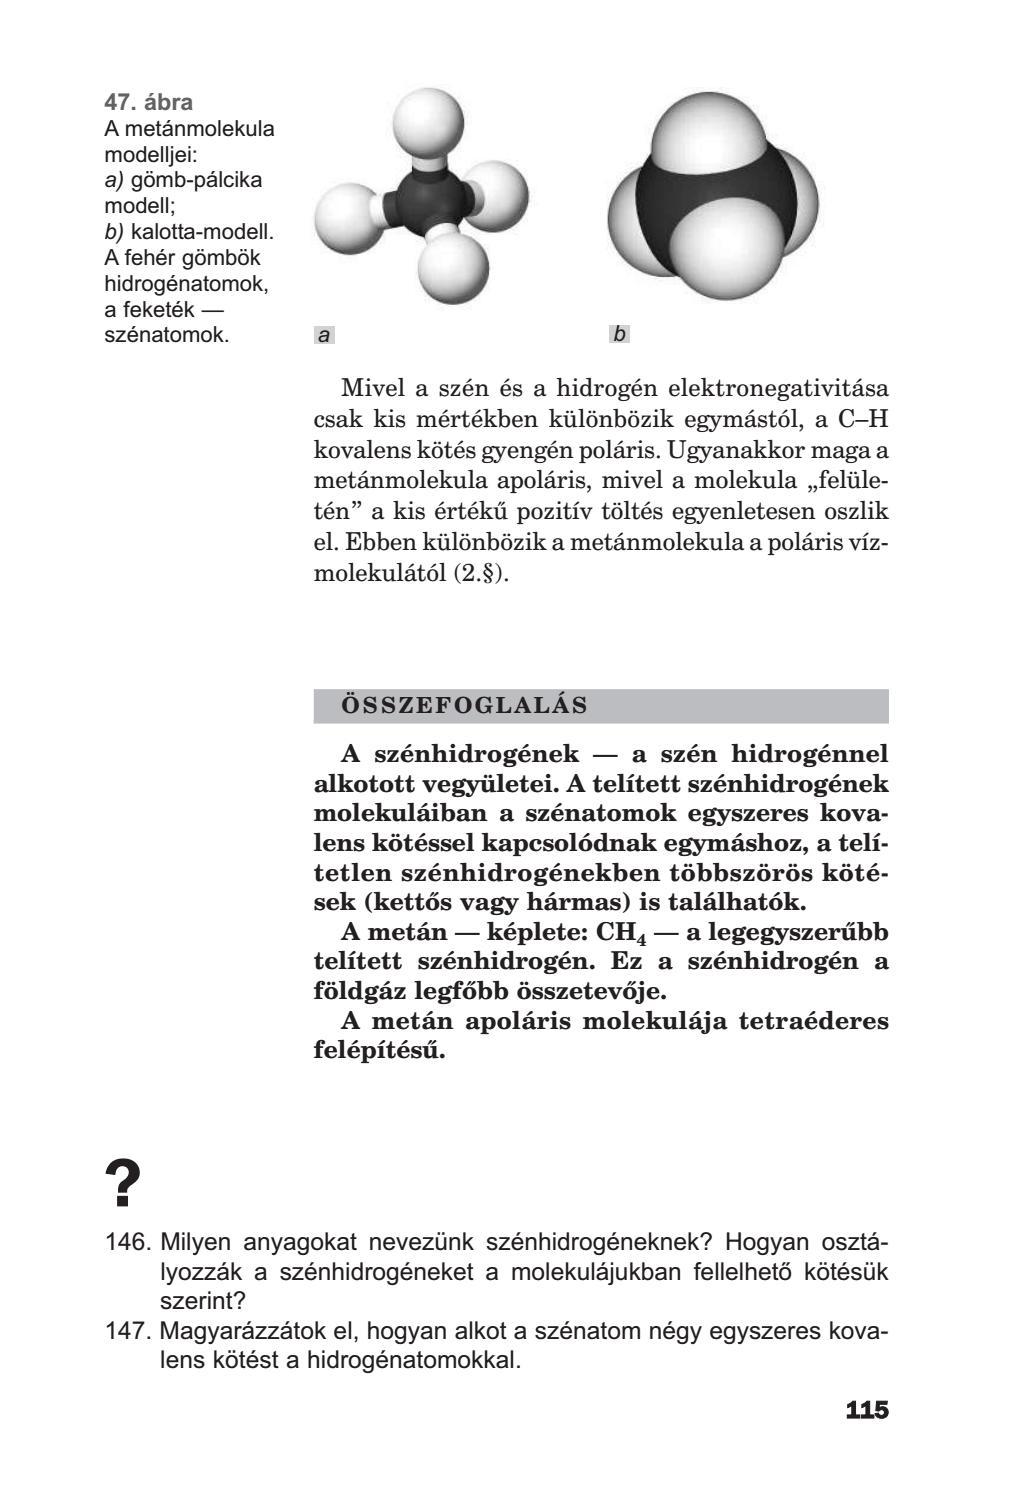 amely alatt helminták arerecolin hidrobromidot használnak